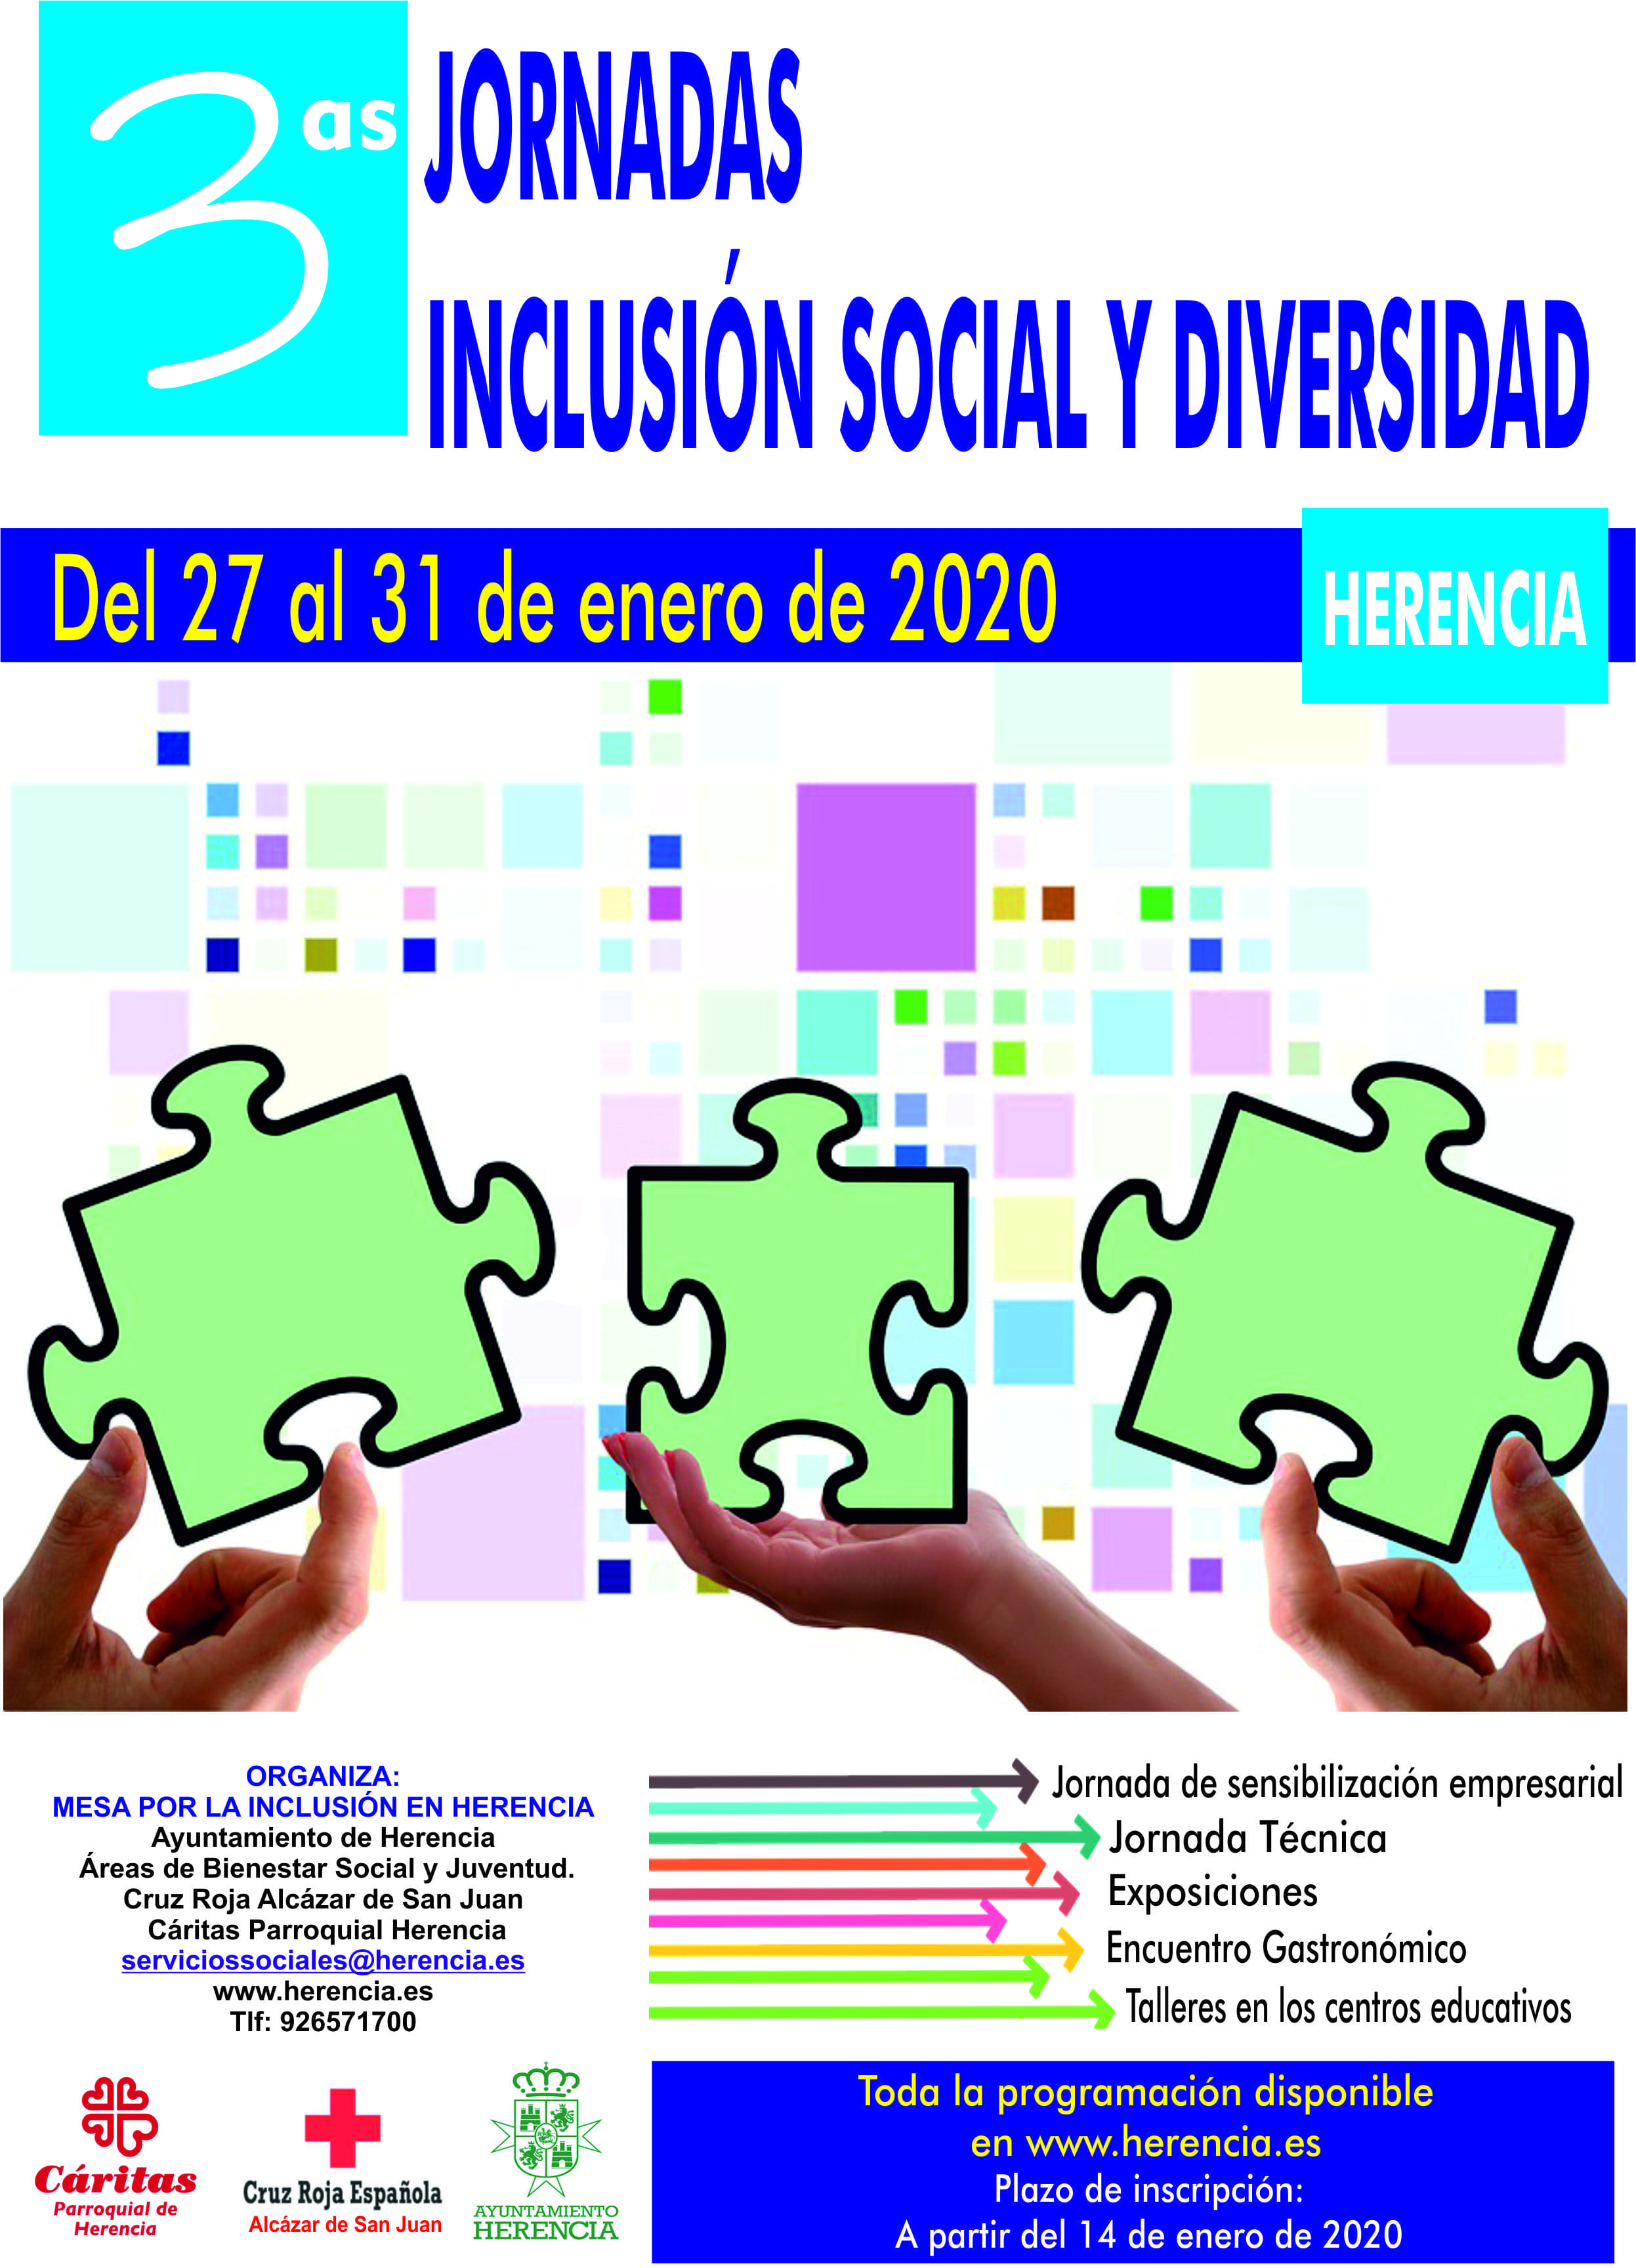 Herencia presenta las III Jornadas de Inclusión Social y Diversidad 7